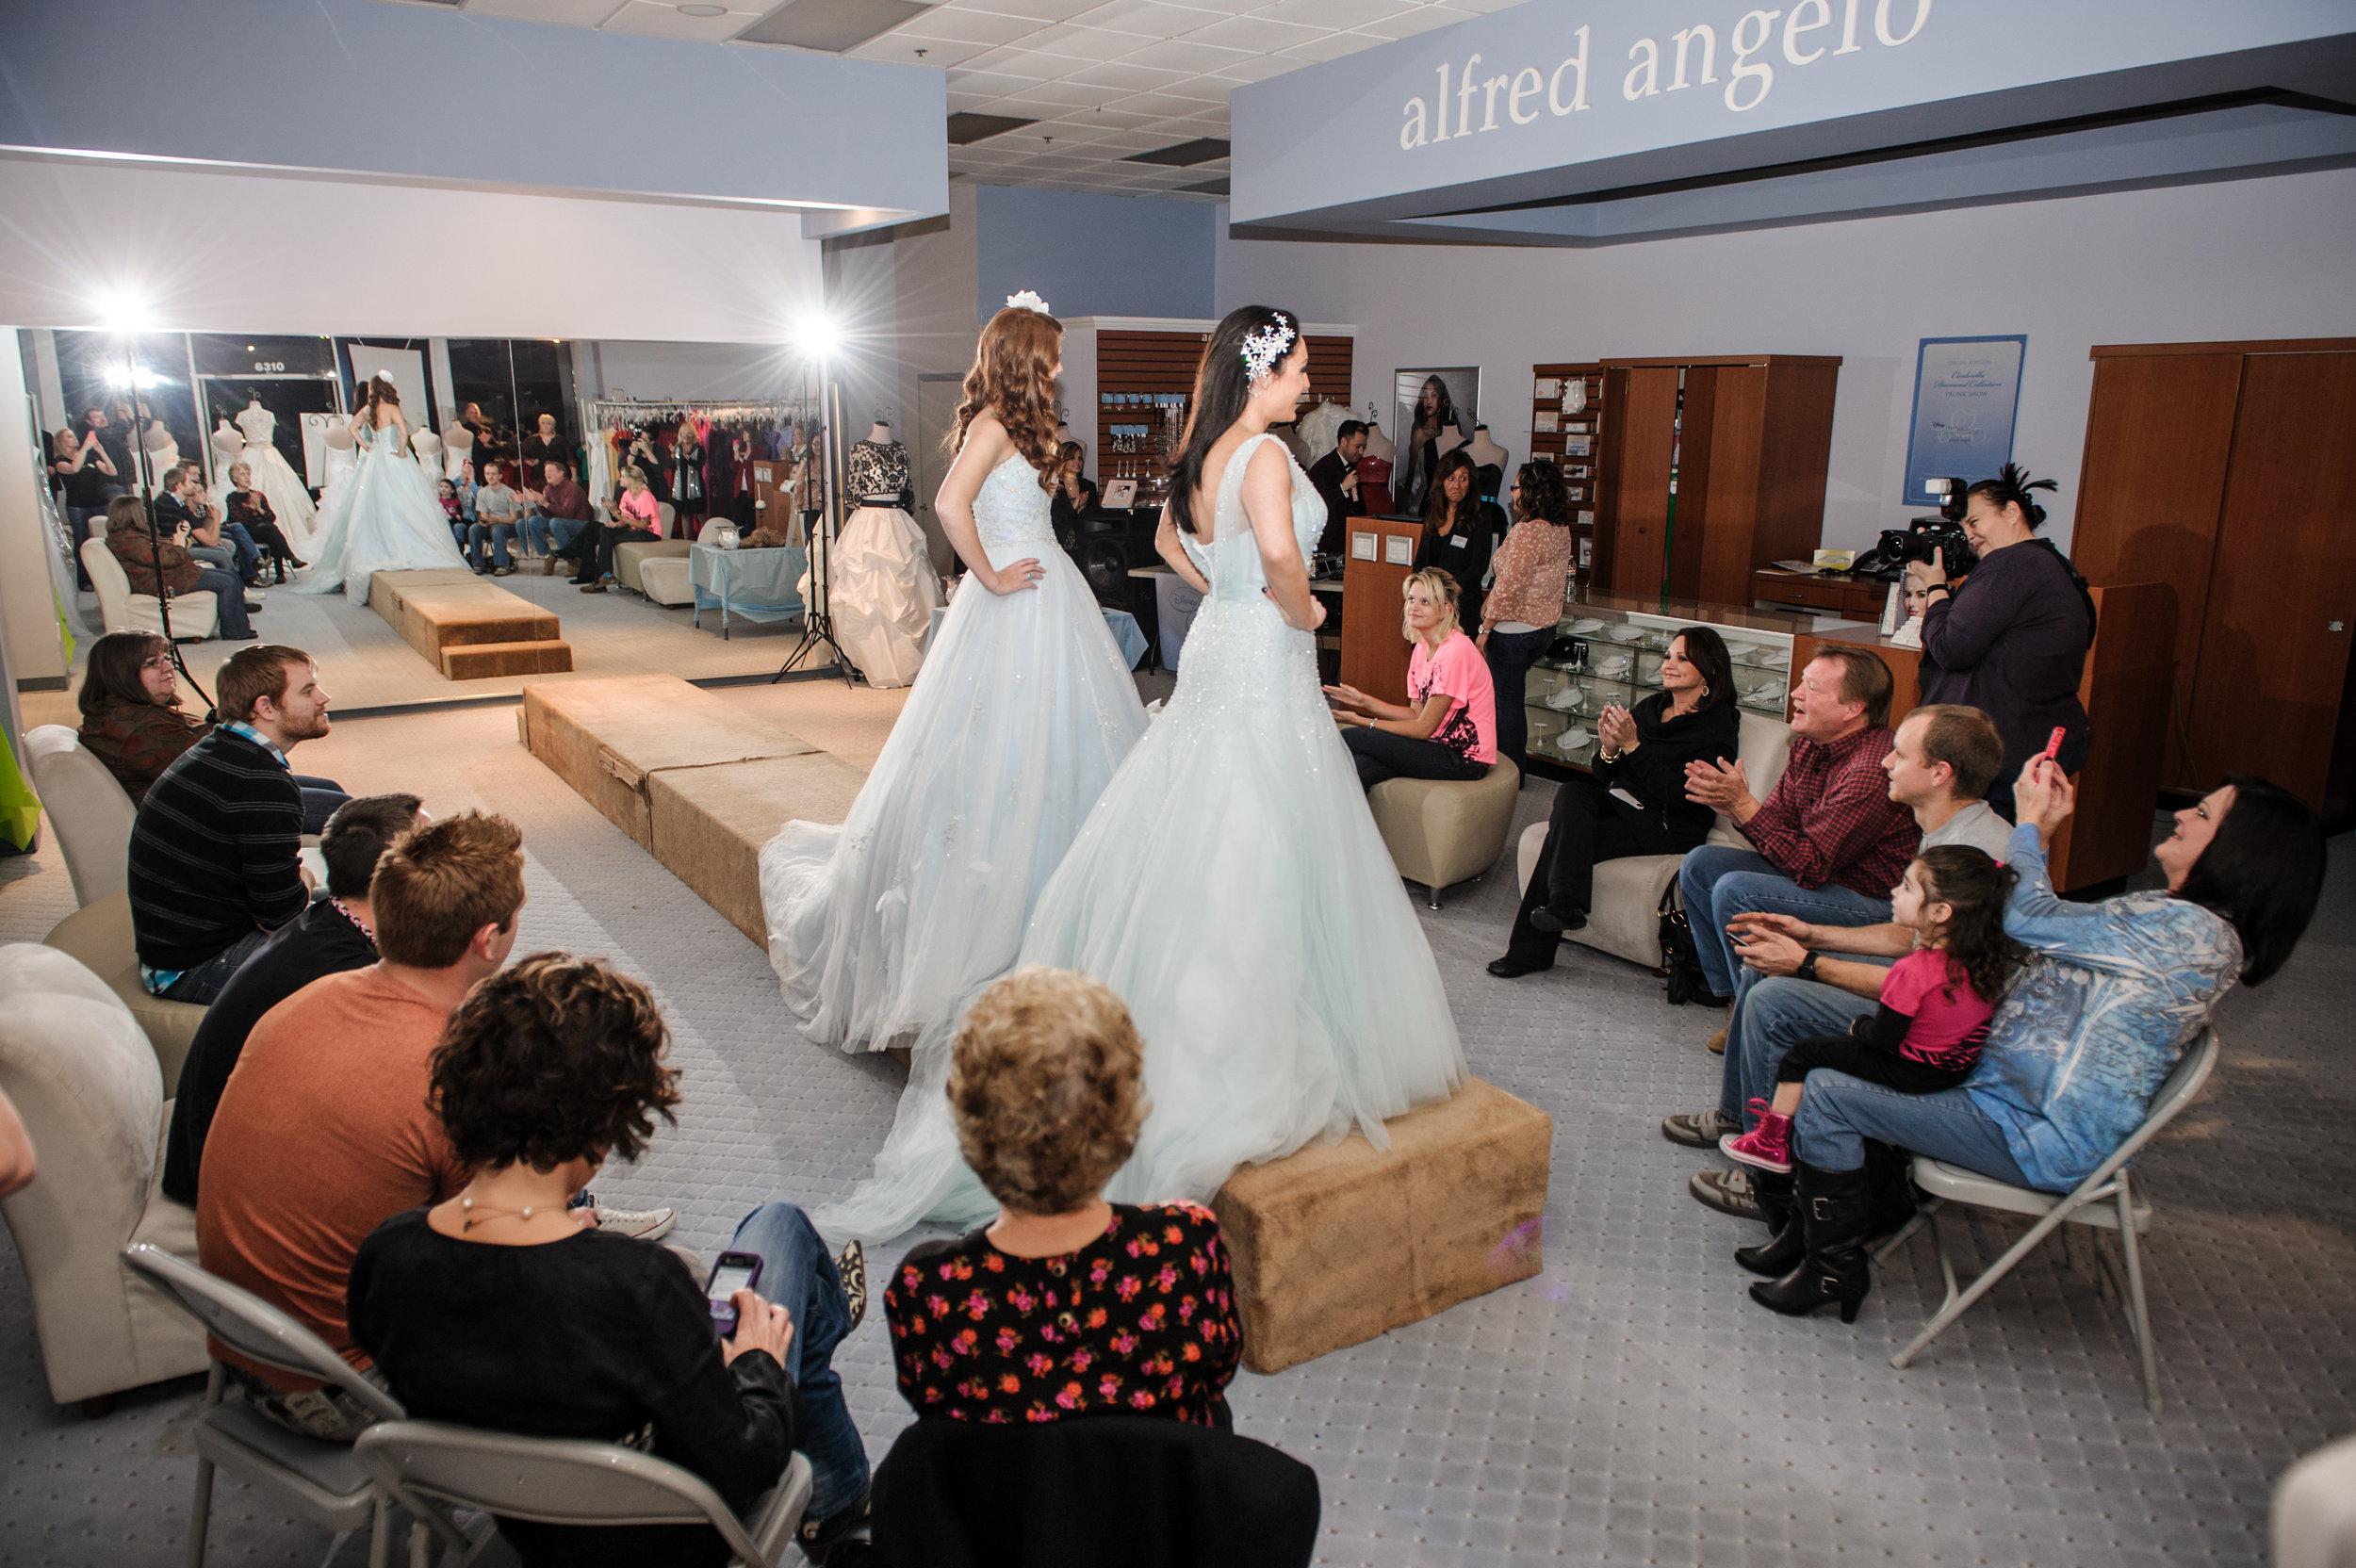 Alfred-Angelo-Disney-Fashion-OKC-2012-0065.jpg